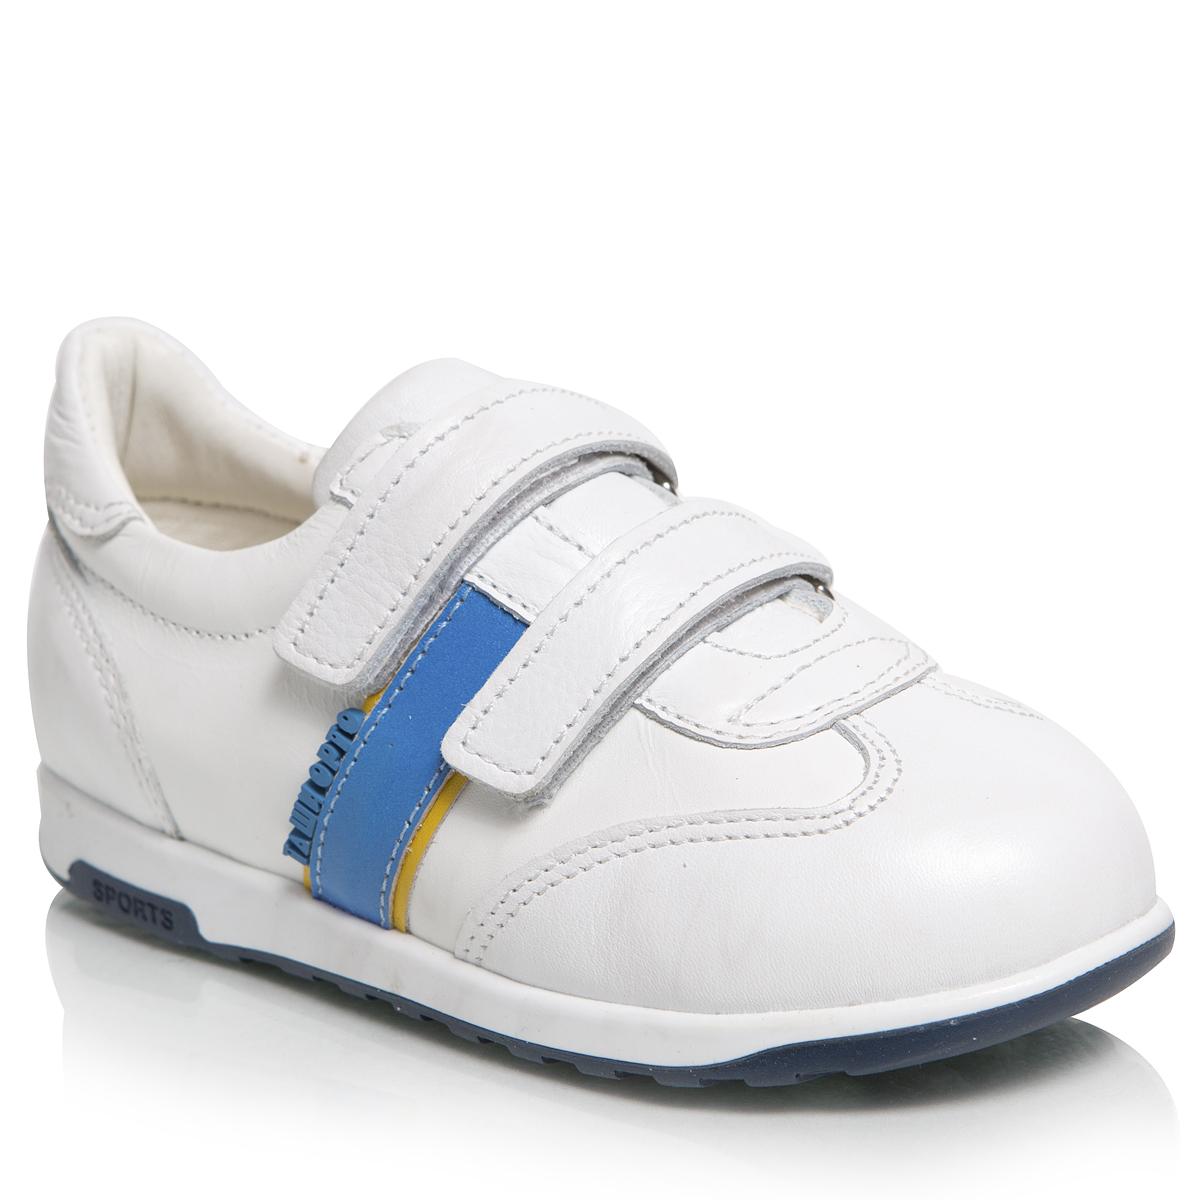 Кроссовки для мальчиков. 271-06271-06ТАШИ ОРТО - детская профилактическая ортопедическая обувь массового производства. Ее можно носить не только детям с признаками плоскостопия и косолапия , но и для профилактики подобных отклонений. А многим детям ортопедическая обувь НЕОБХОДИМА для коррекции стопы, исправления походки и осанки.